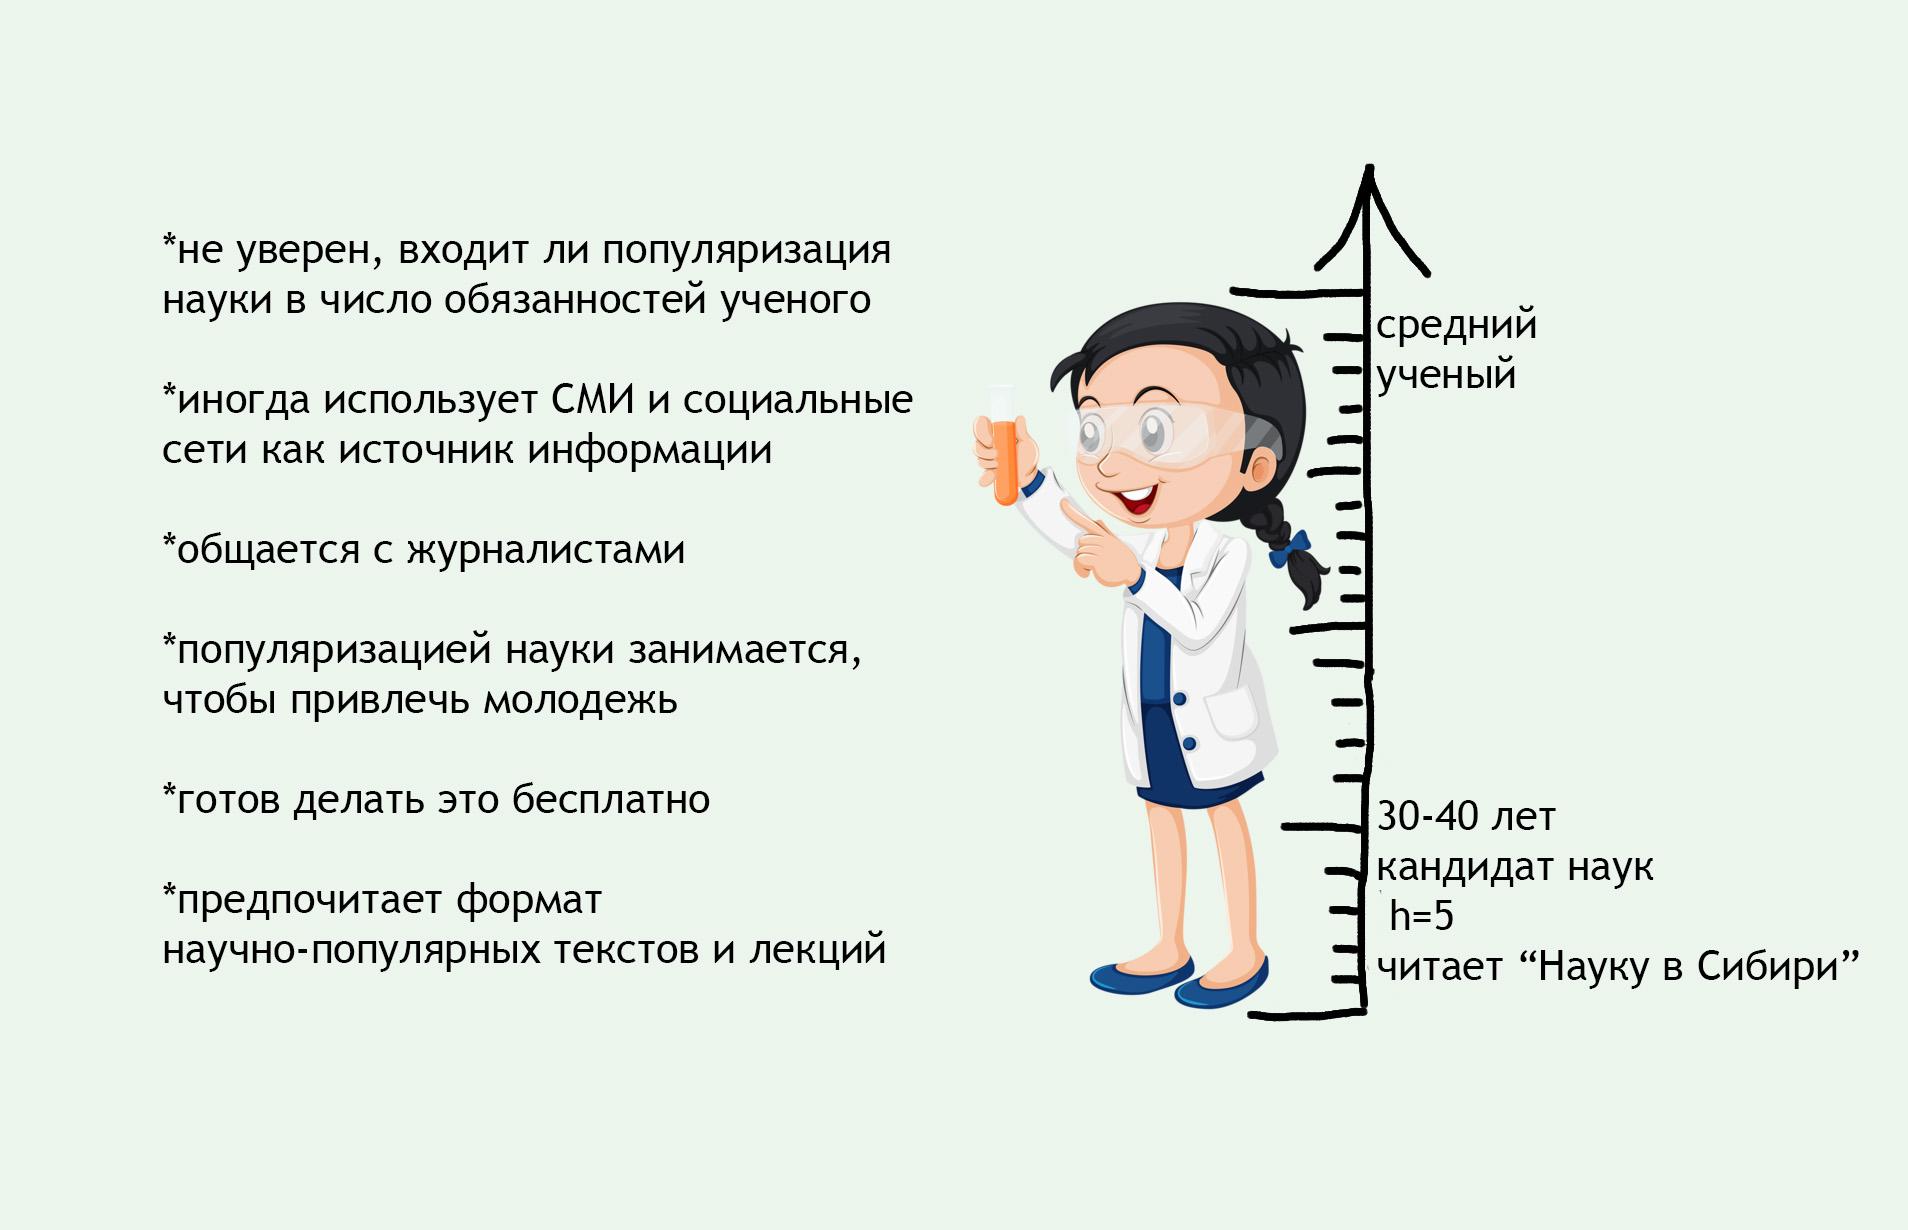 Ученый это